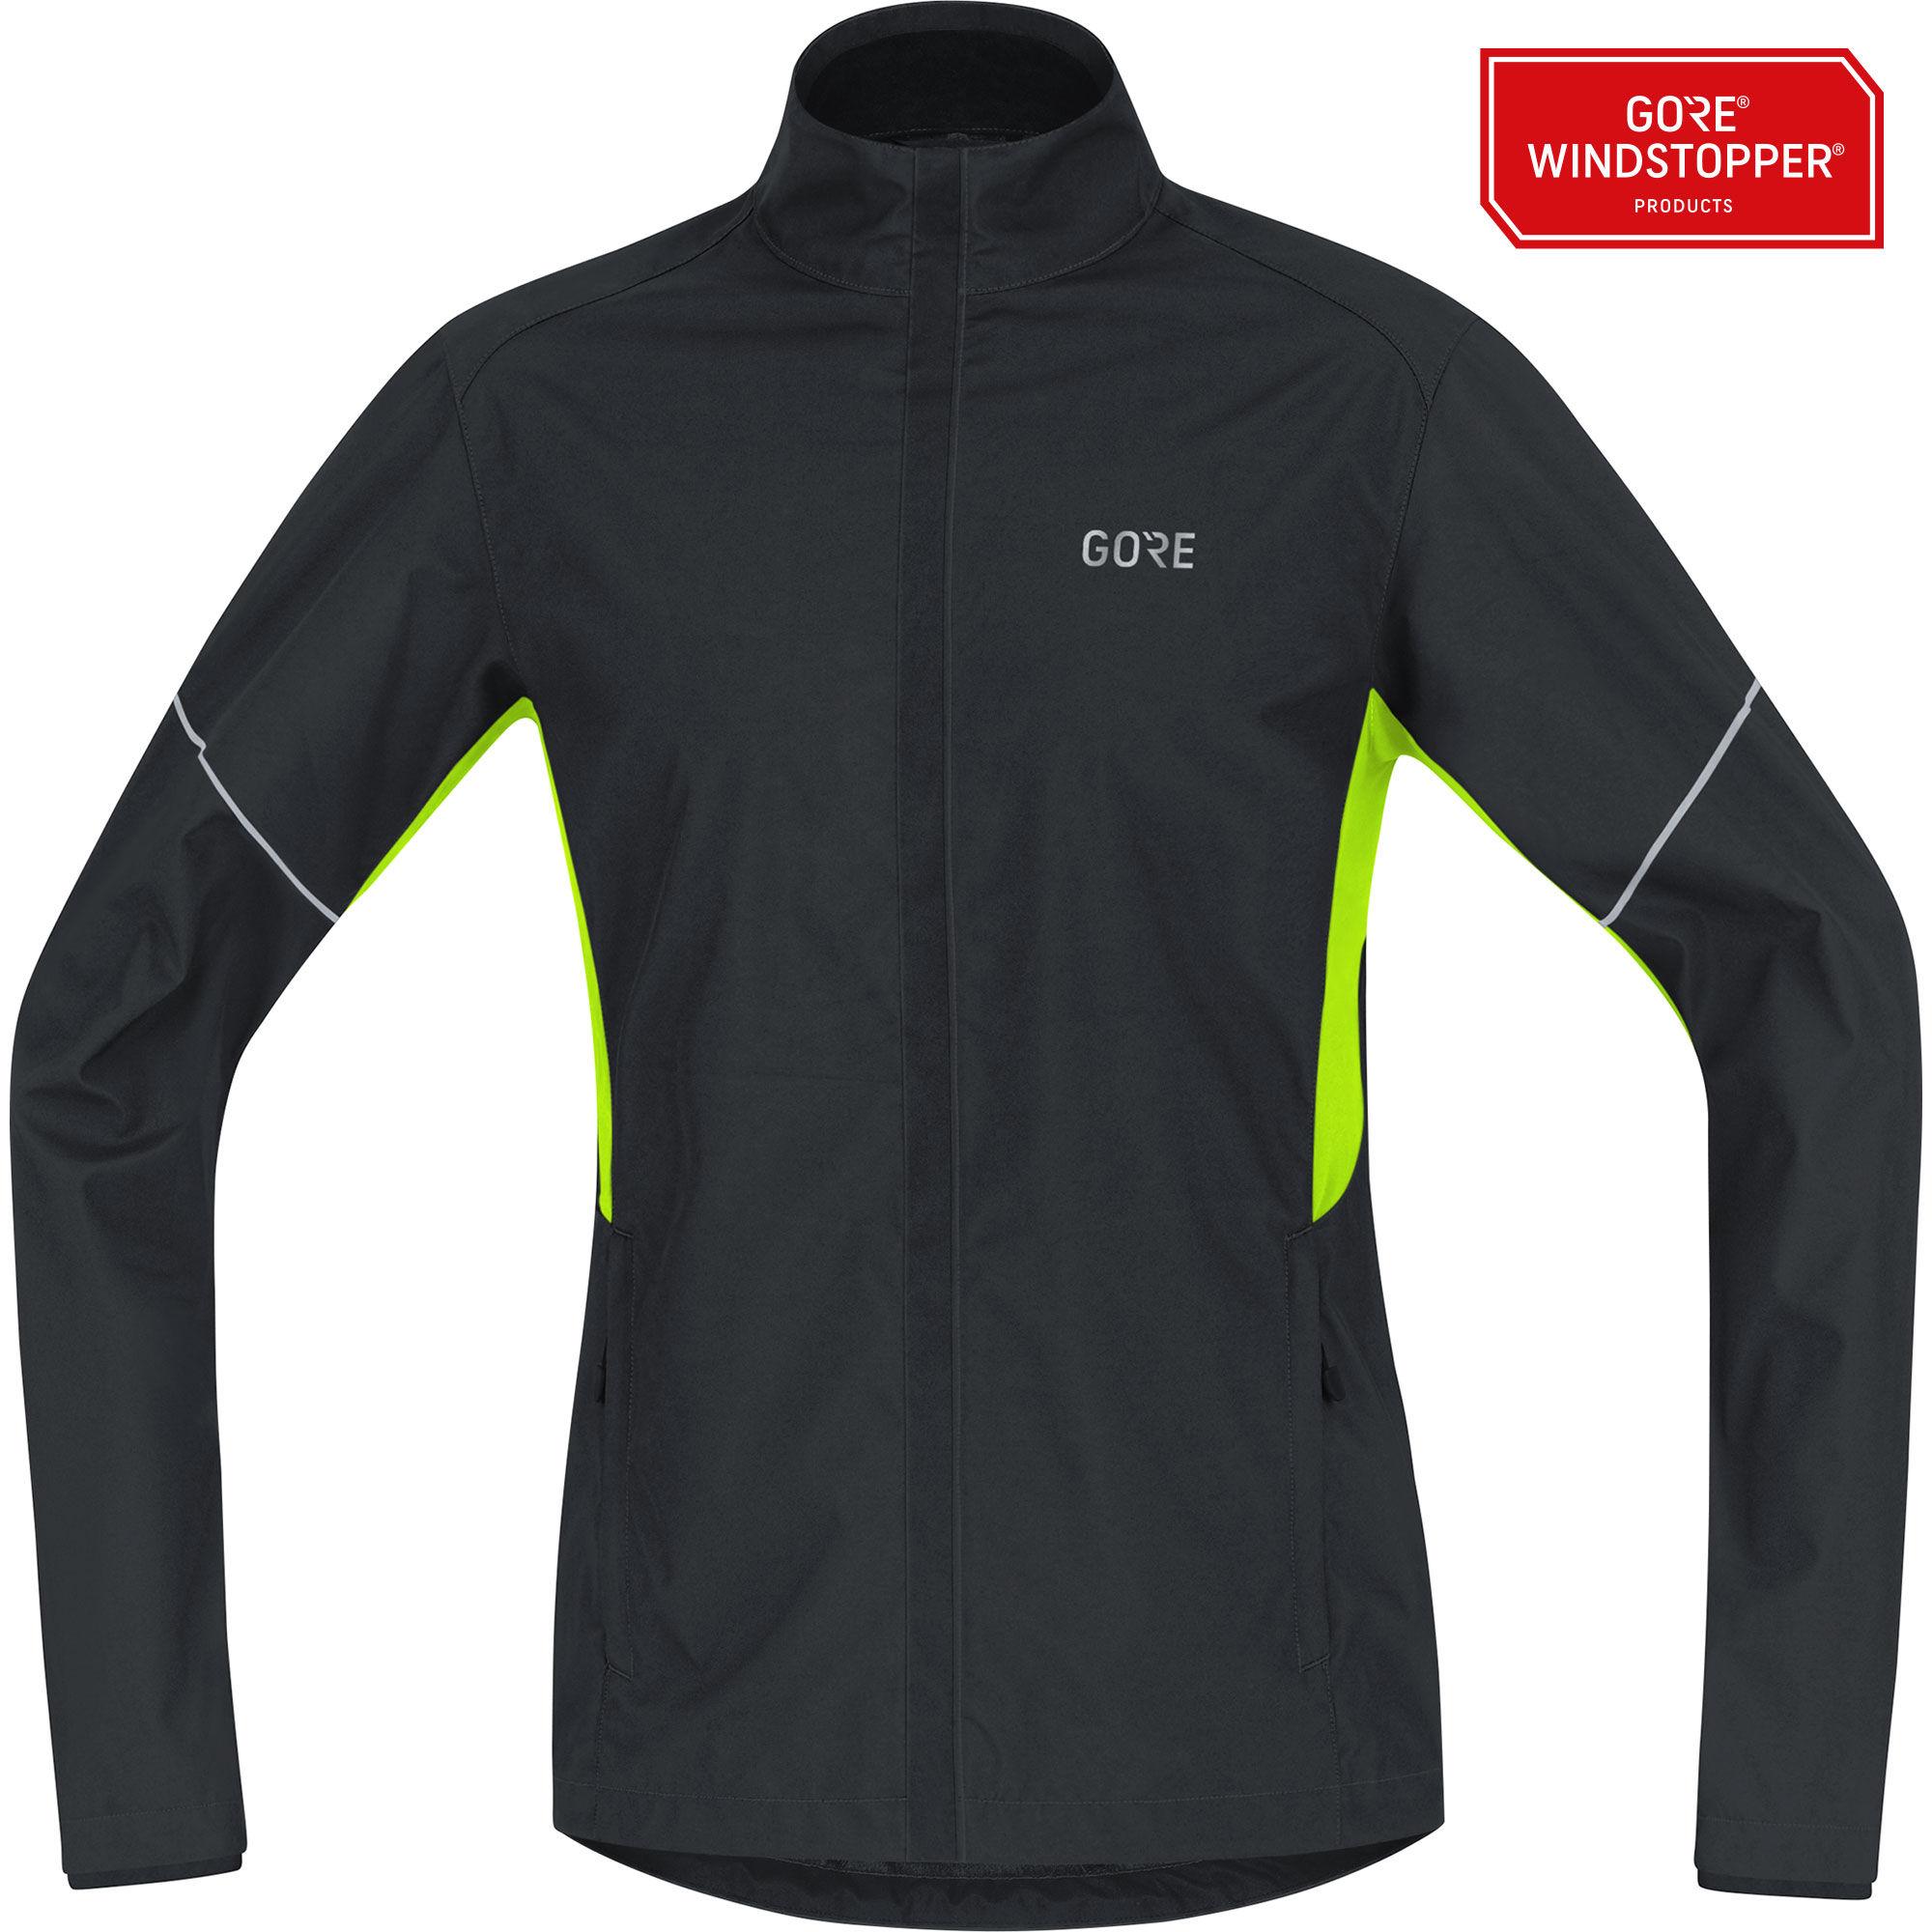 Gore R3 Essential Partial GWS Jacket in Schwarz Neon Gelb